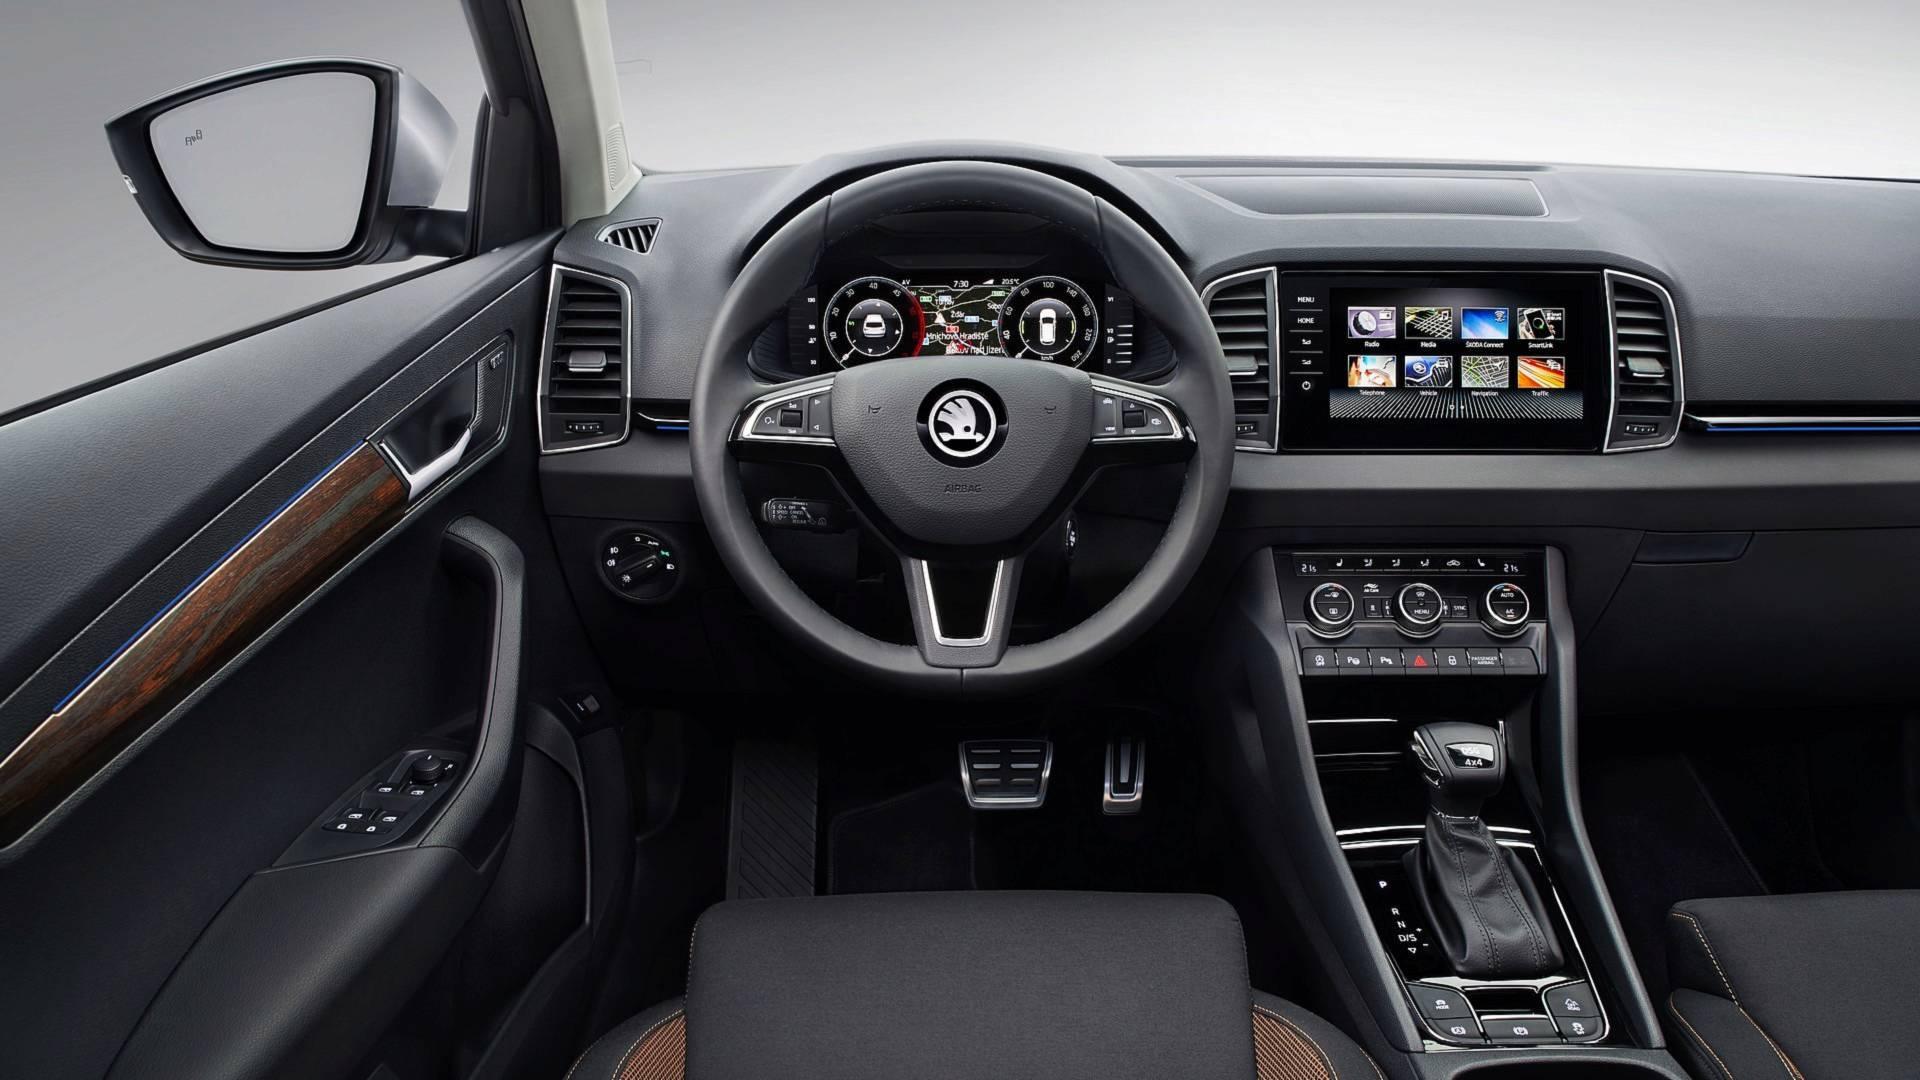 کاروک اسکات اشکودا خودرویی با 4 چرخ متحرک معرفی شد